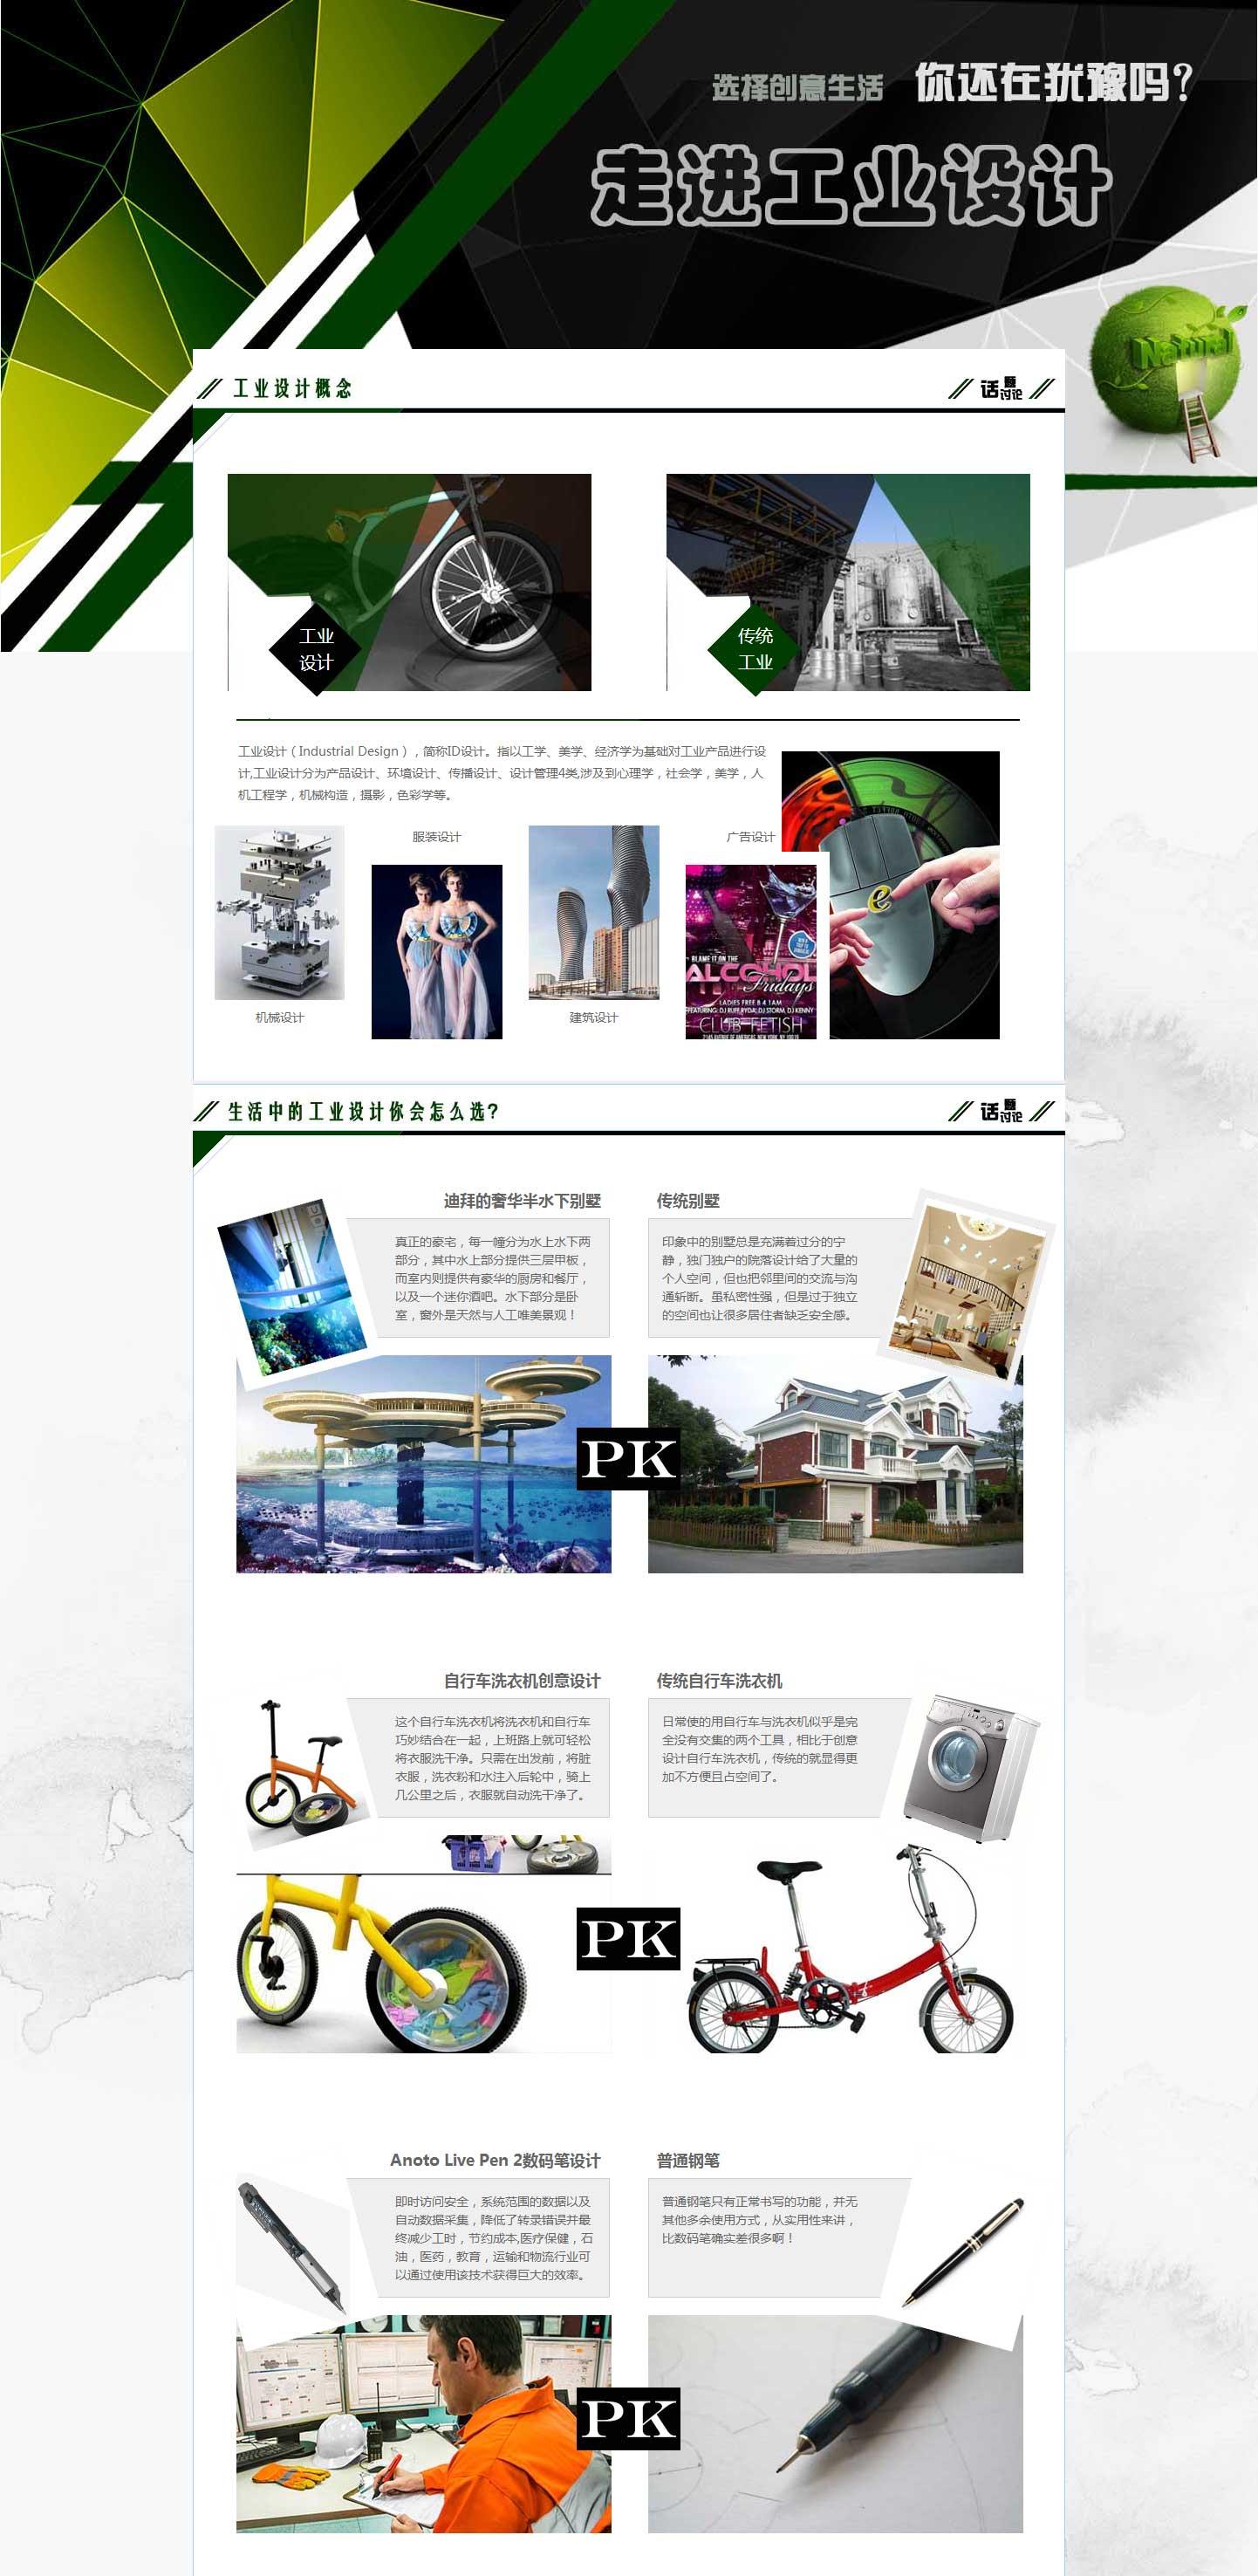 工业设计产品创新专题页面模板